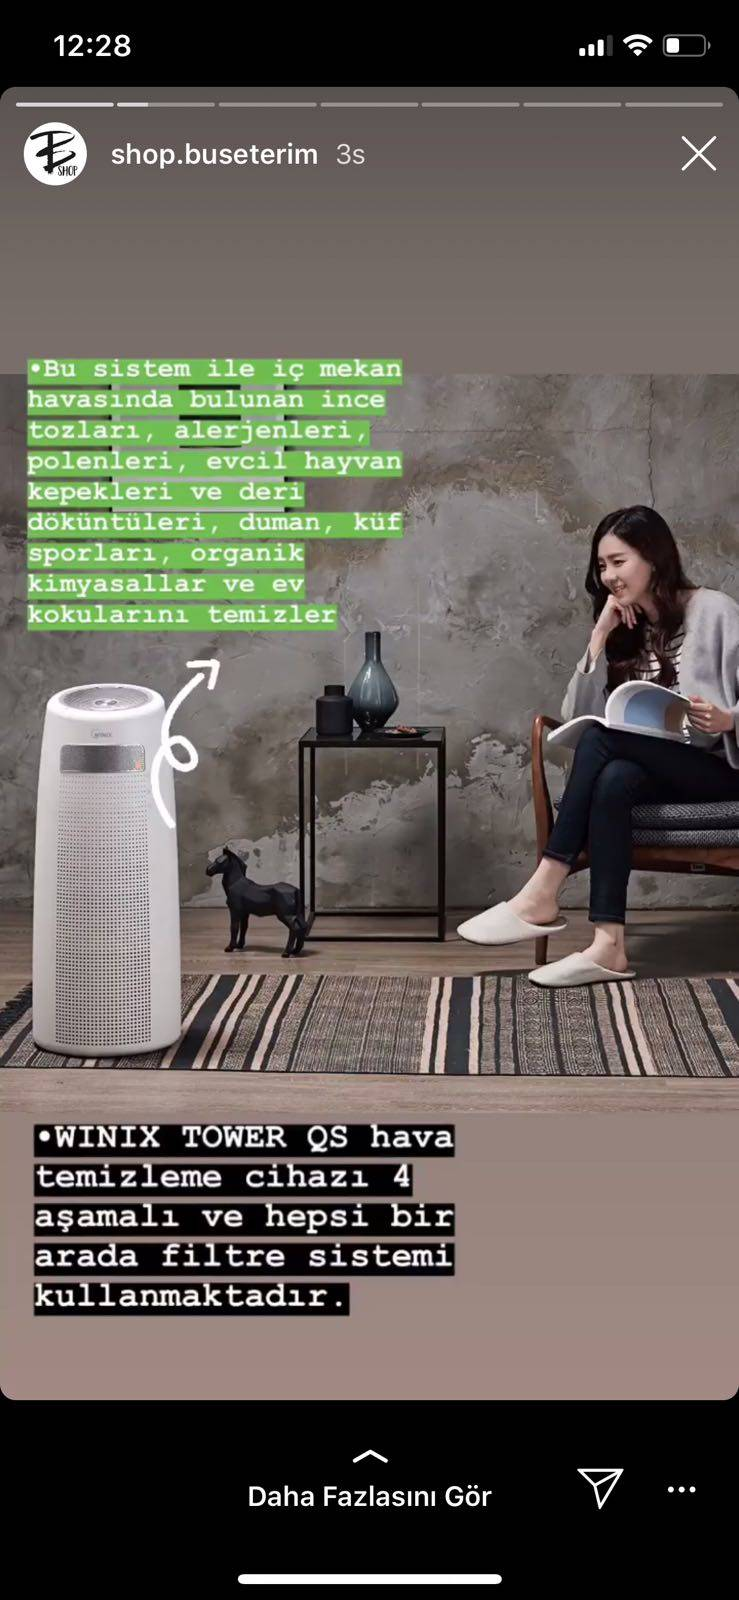 Sağlıklı Yaşam Için Winix Hava Temizleme Cihazları Kullanabilirsiniz.